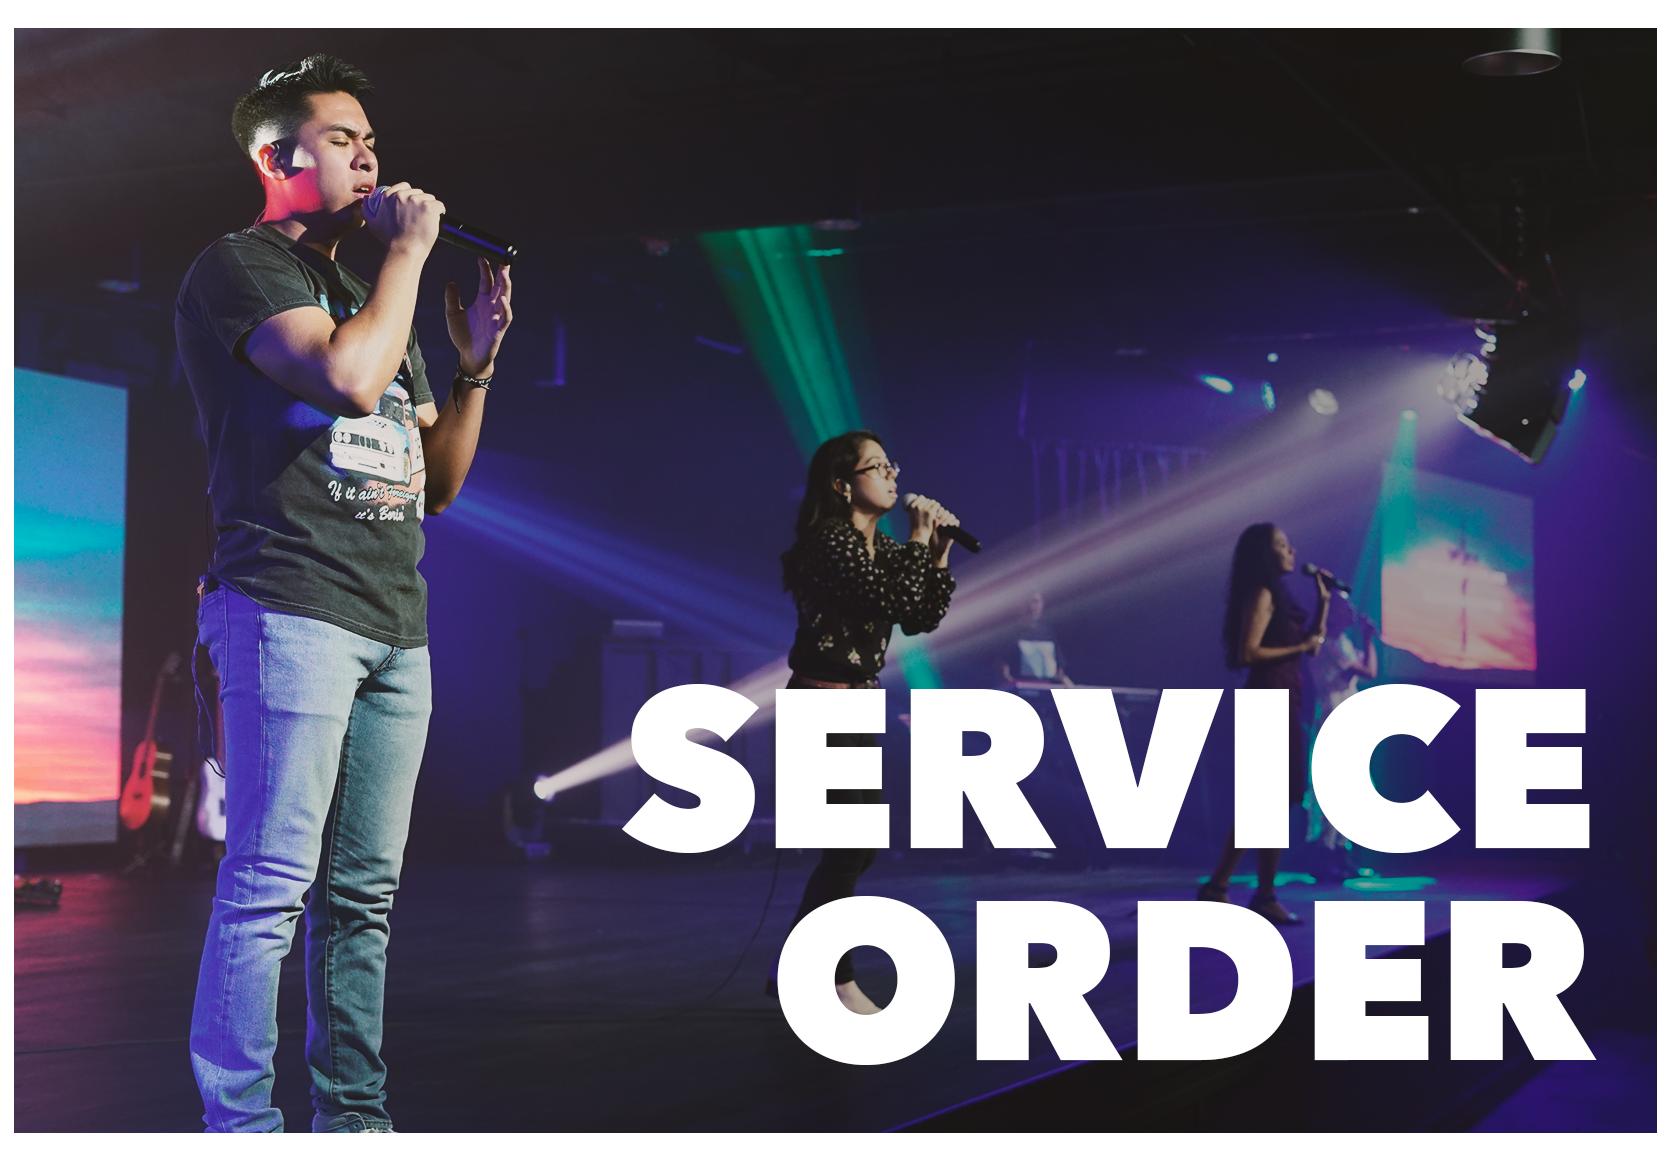 ServiceOrder